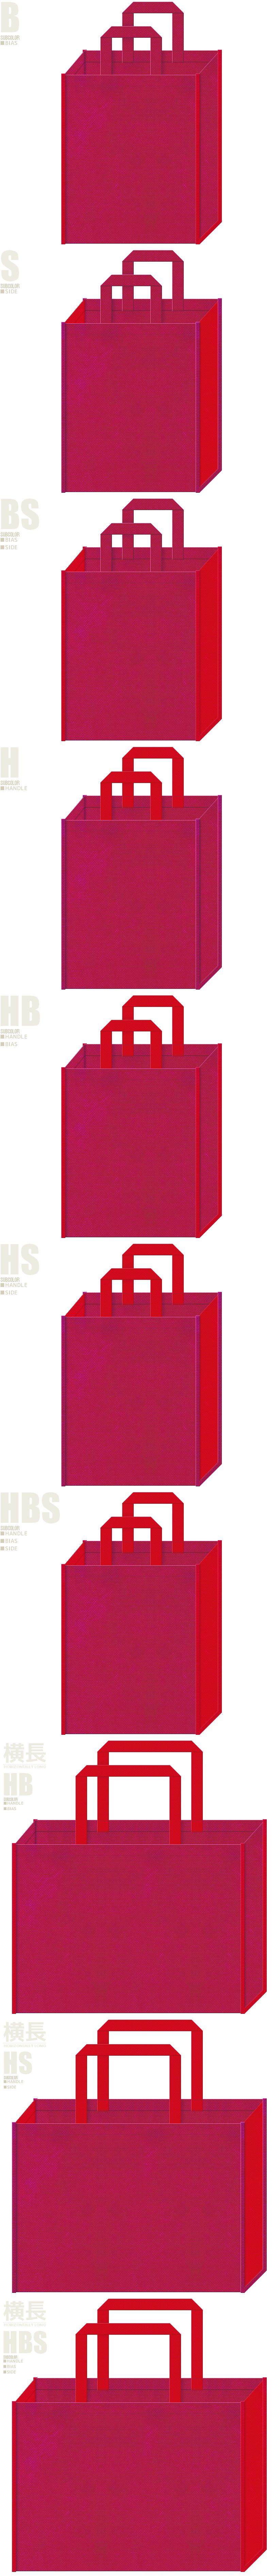 濃いピンク色と紅色、7パターンの不織布トートバッグ配色デザイン例。